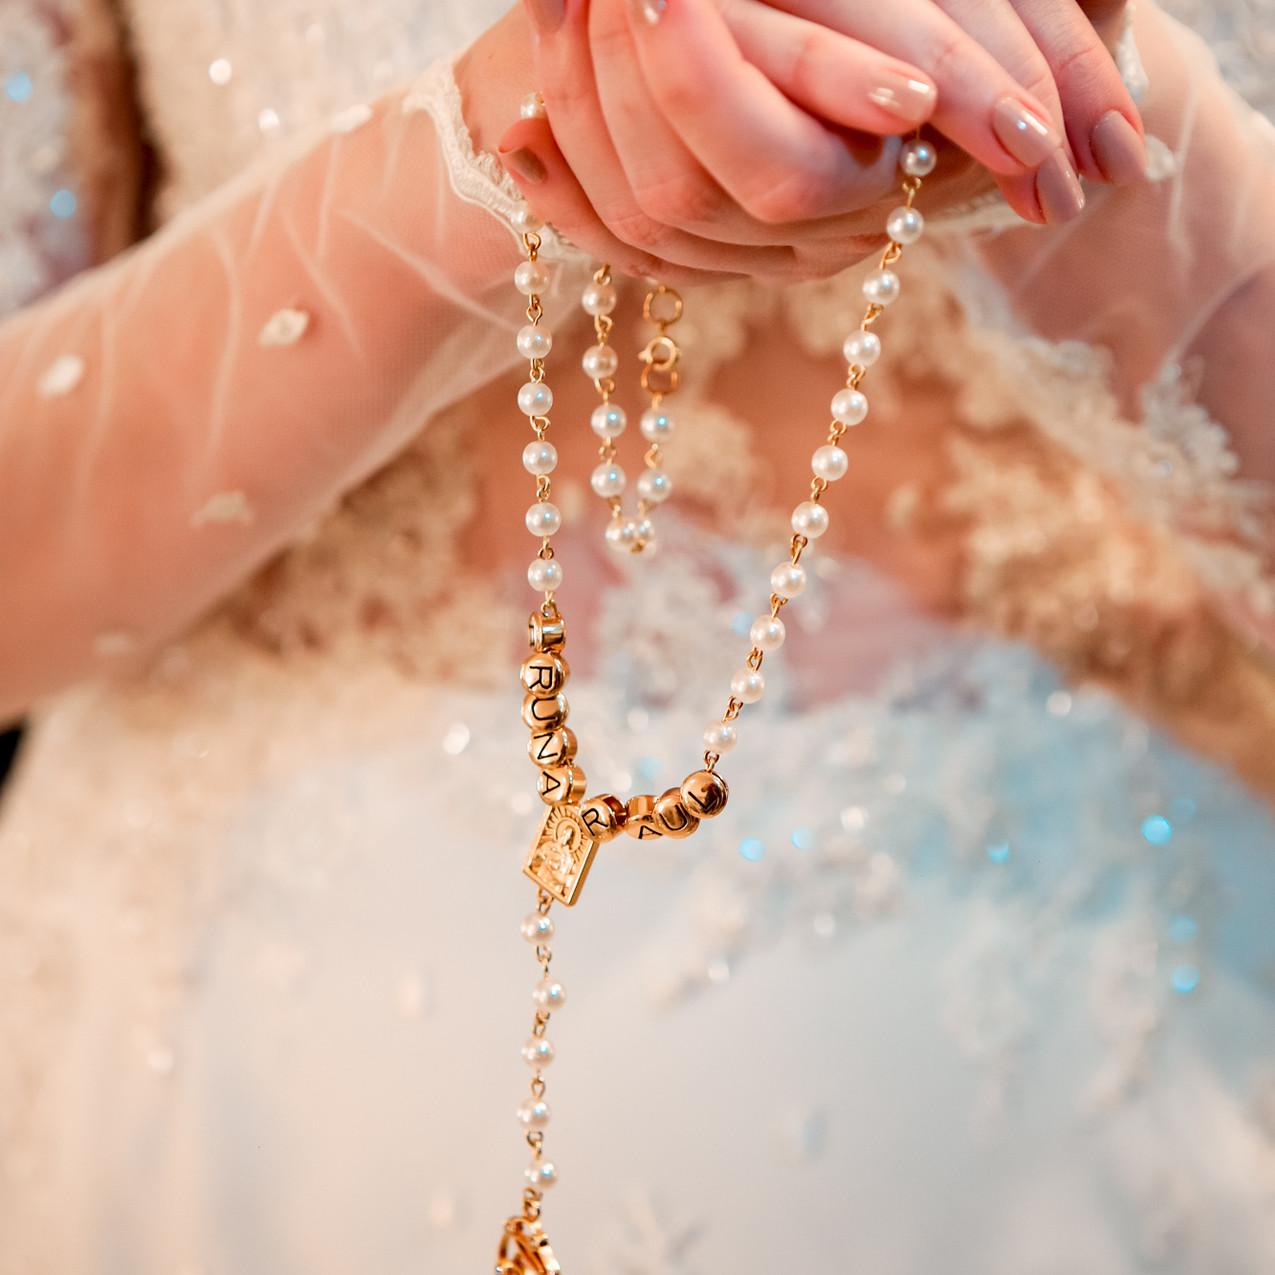 BeR-0106-fotografo-casamento-wedding-gotadagua-rustico-brunaeraul-boho-diy-portoalegre-daniel-martins